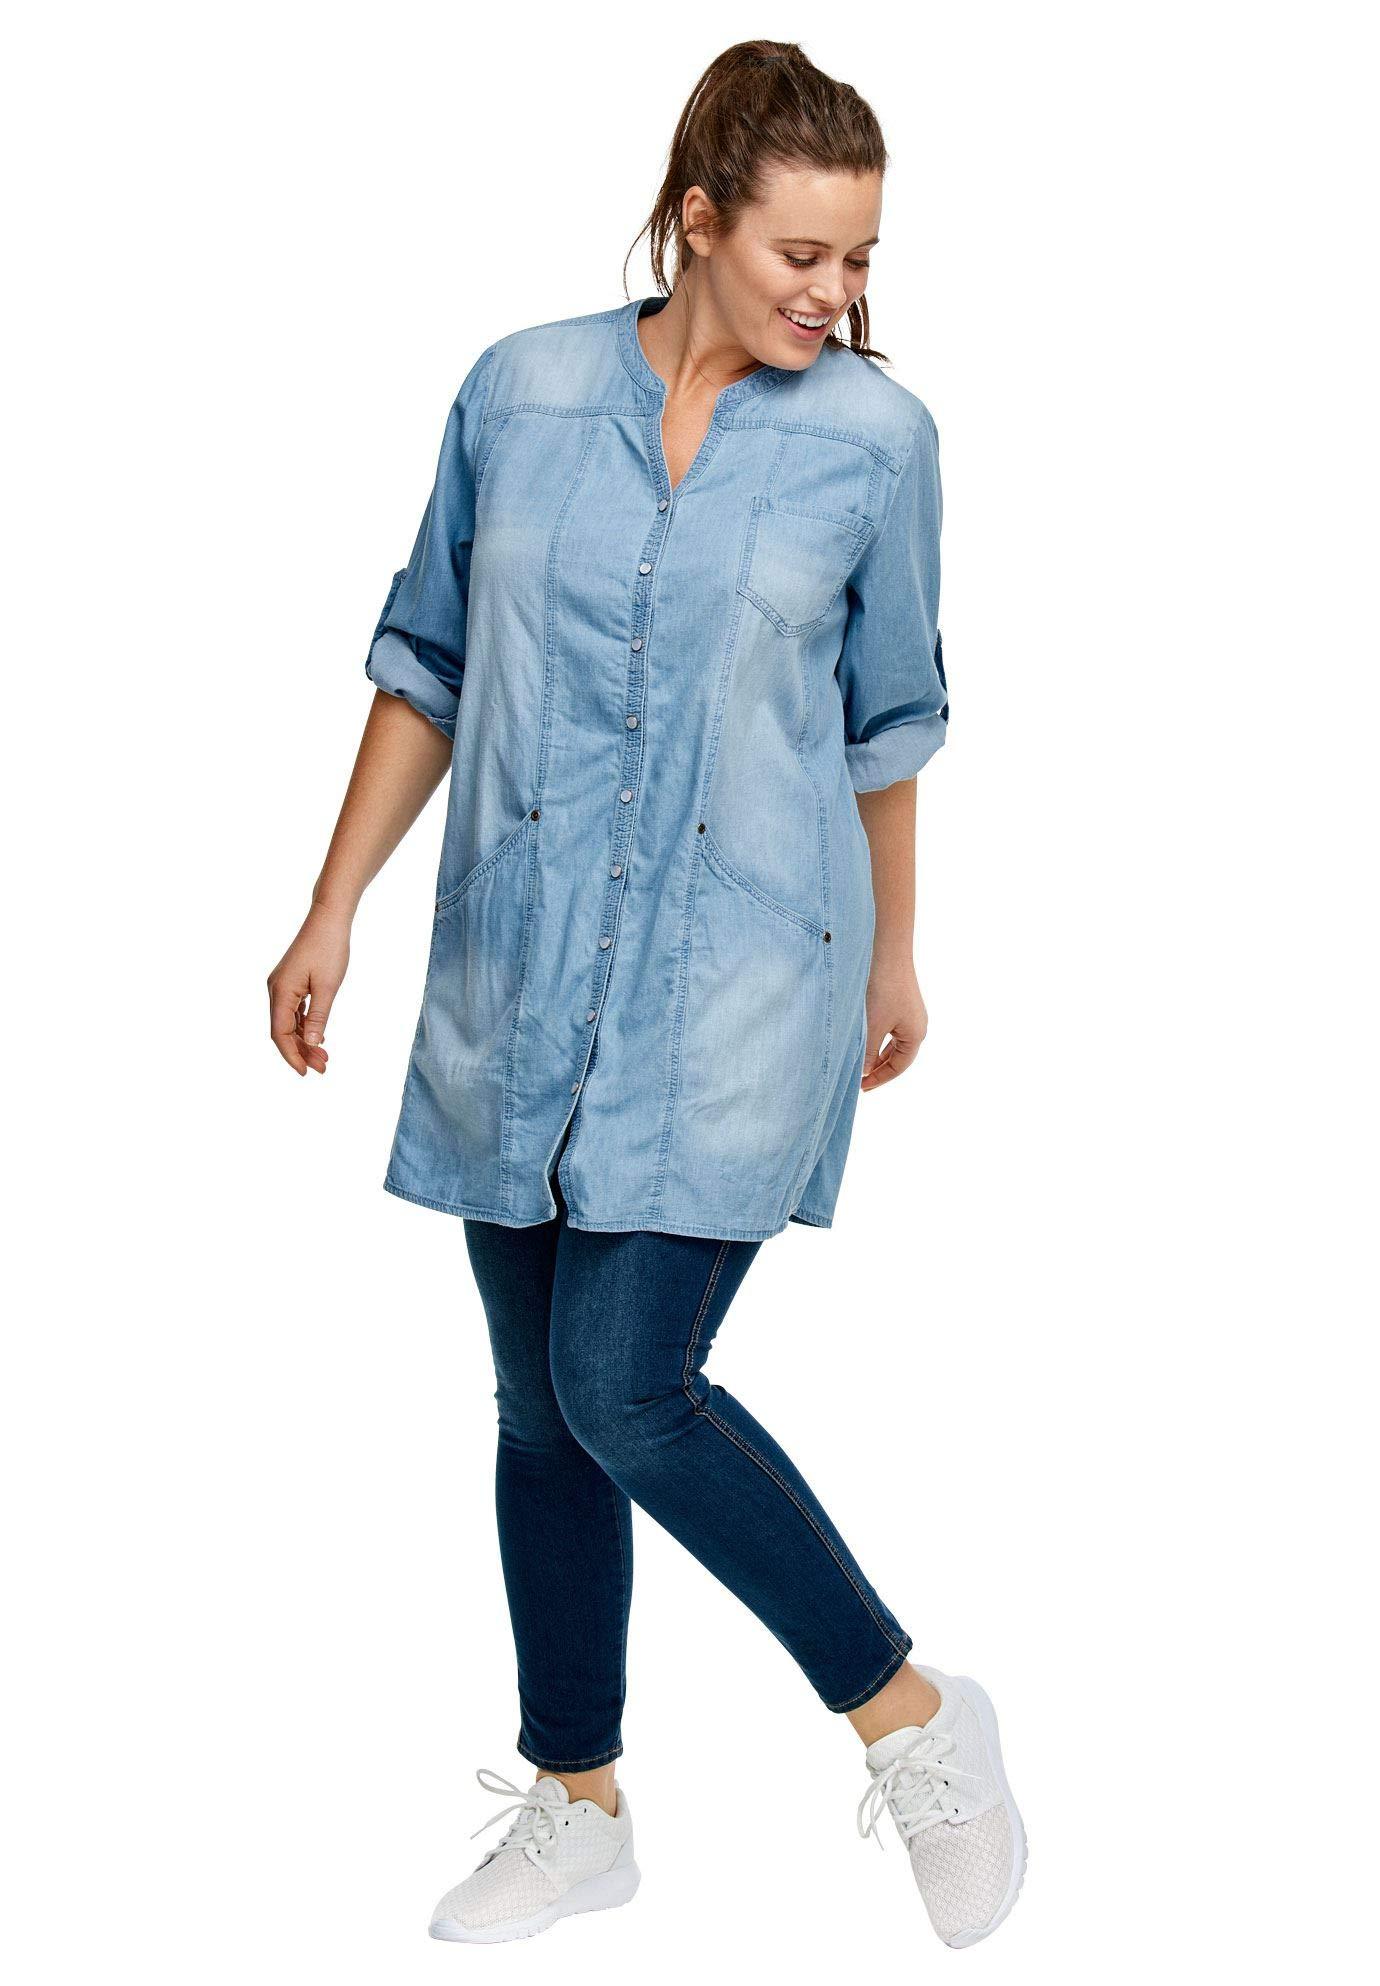 95288127d81 Ellos Women s Plus Size Snap Front Denim Tunic - Denim Fit